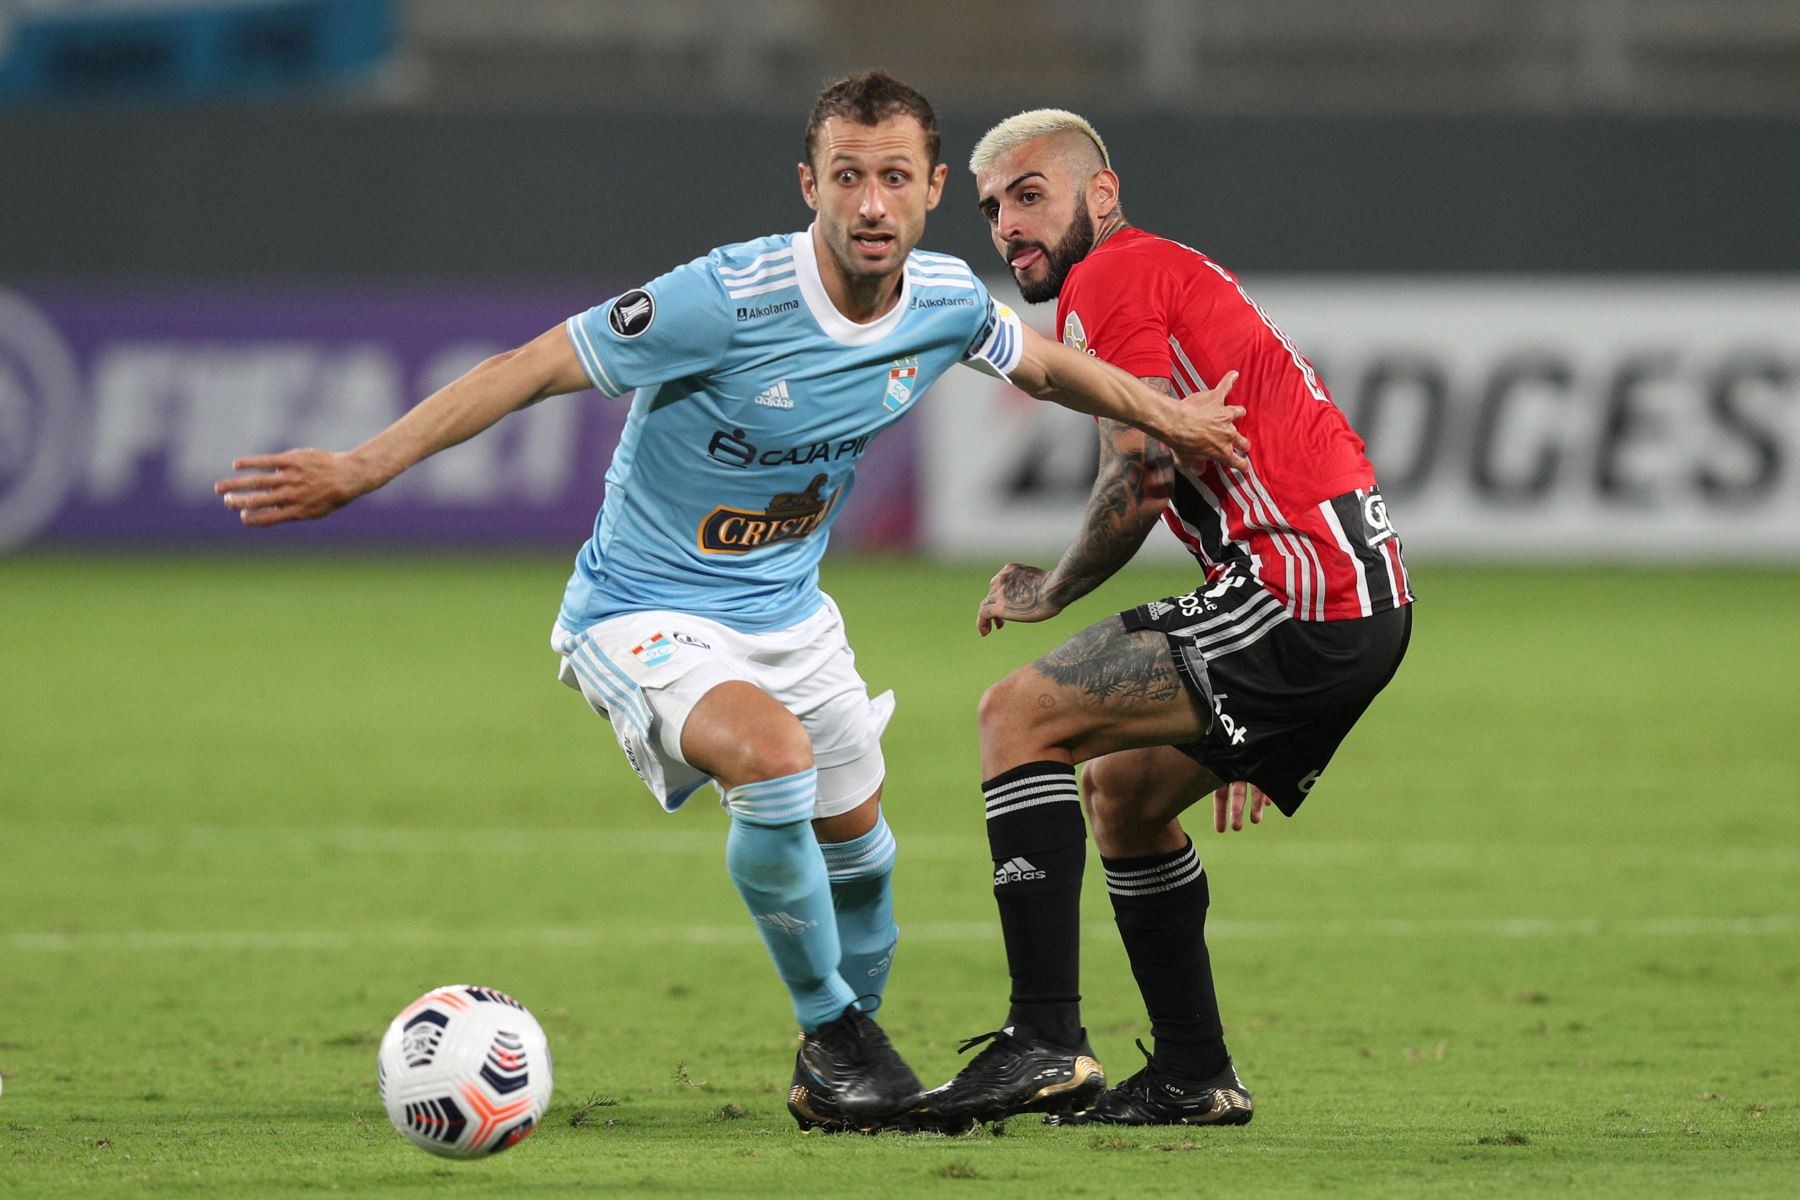 El jugador de Sporting Cristal, Horacio Calcaterra y el jugador Liziero de  Sao Paulo compiten por el balón durante el partido de la fase de grupos de la Copa Libertadores en el Estadio Nacional. Foto: AFP